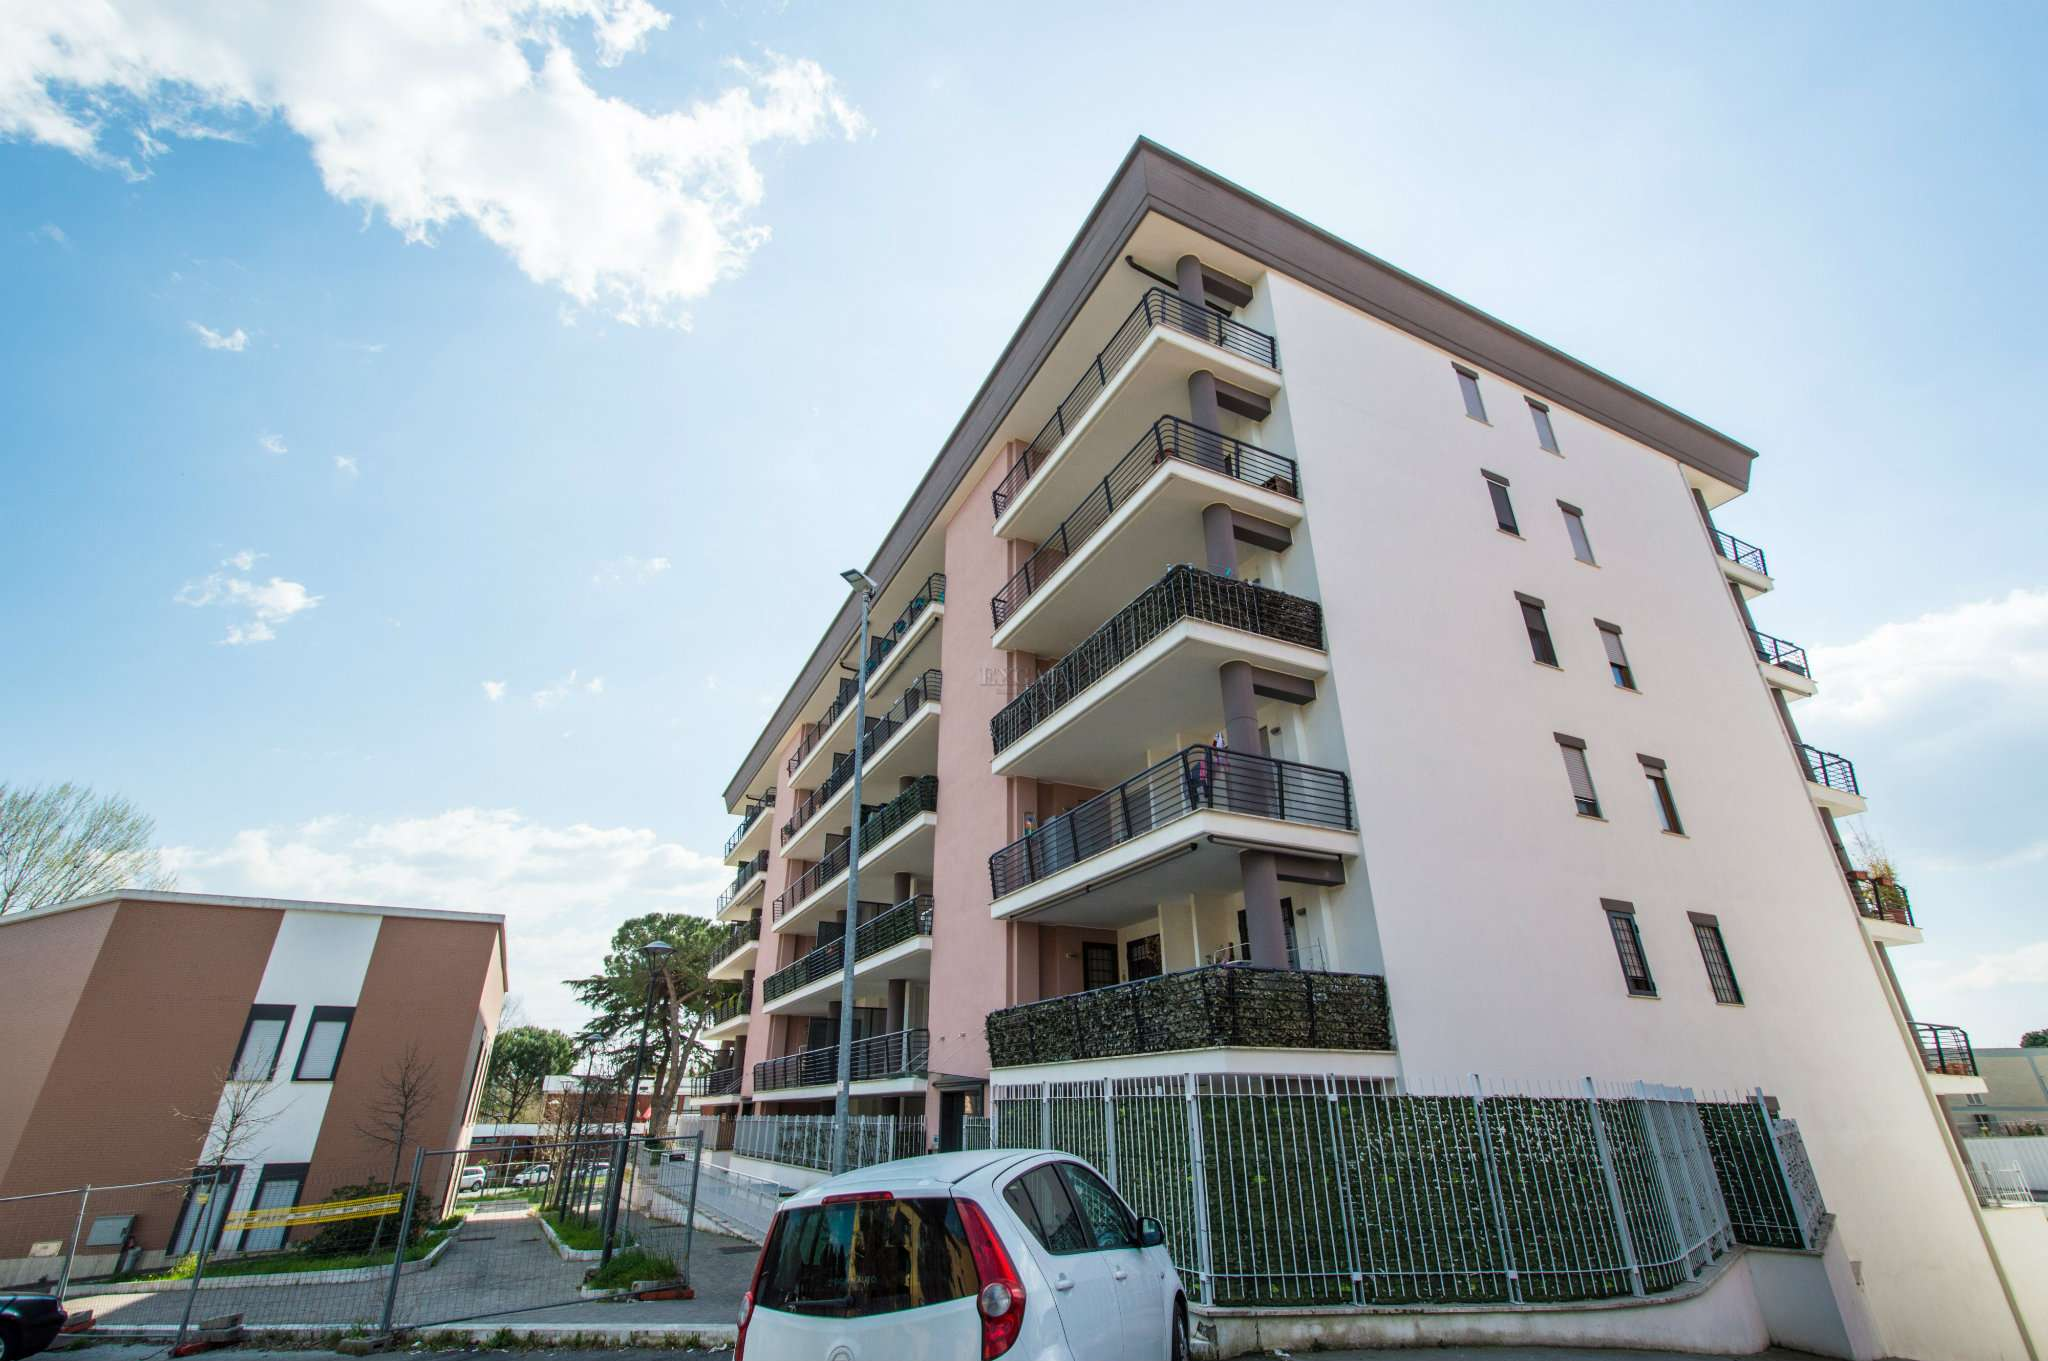 Bilocale in affitto a Roma in Via Lanciano, 60